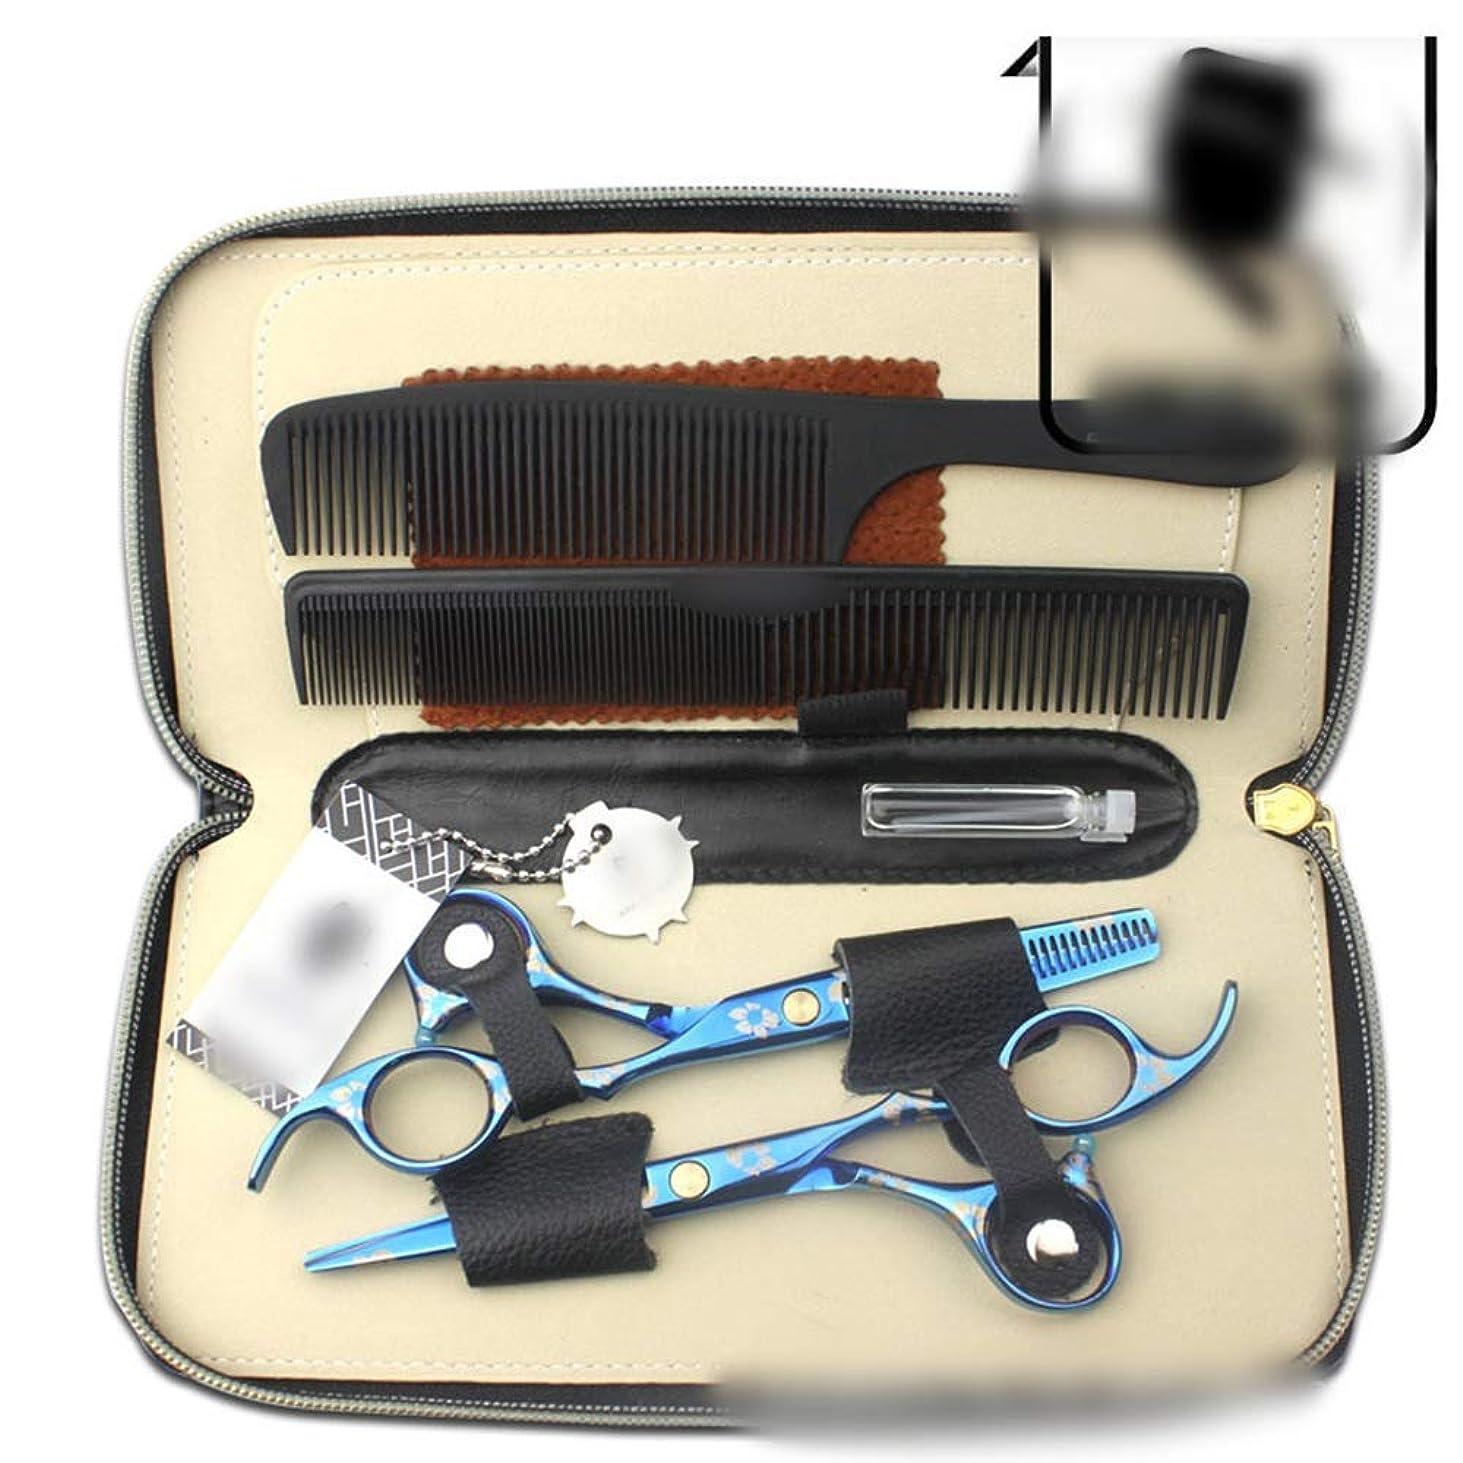 国歌活発前者6.0インチのヘアカラーはさみセット、ブルーチェリープロ理髪ツールセット ヘアケア (色 : 青)